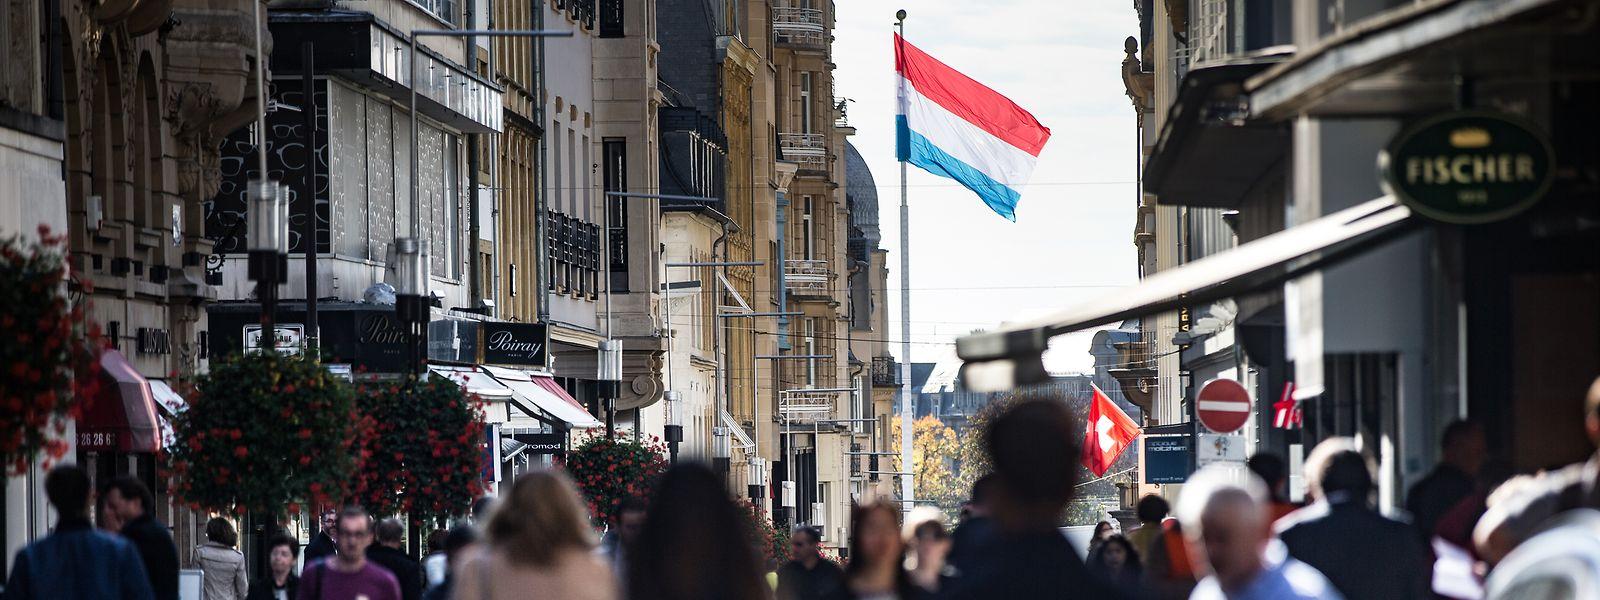 Au cours des trois décennies à venir, le Luxembourg devrait être le point de chute de 131.210 nouveaux salariés, selon les prévisions des offices statistiques de la Grande Région. Soit une hausse d'un tiers par rapport à la population active actuelle.